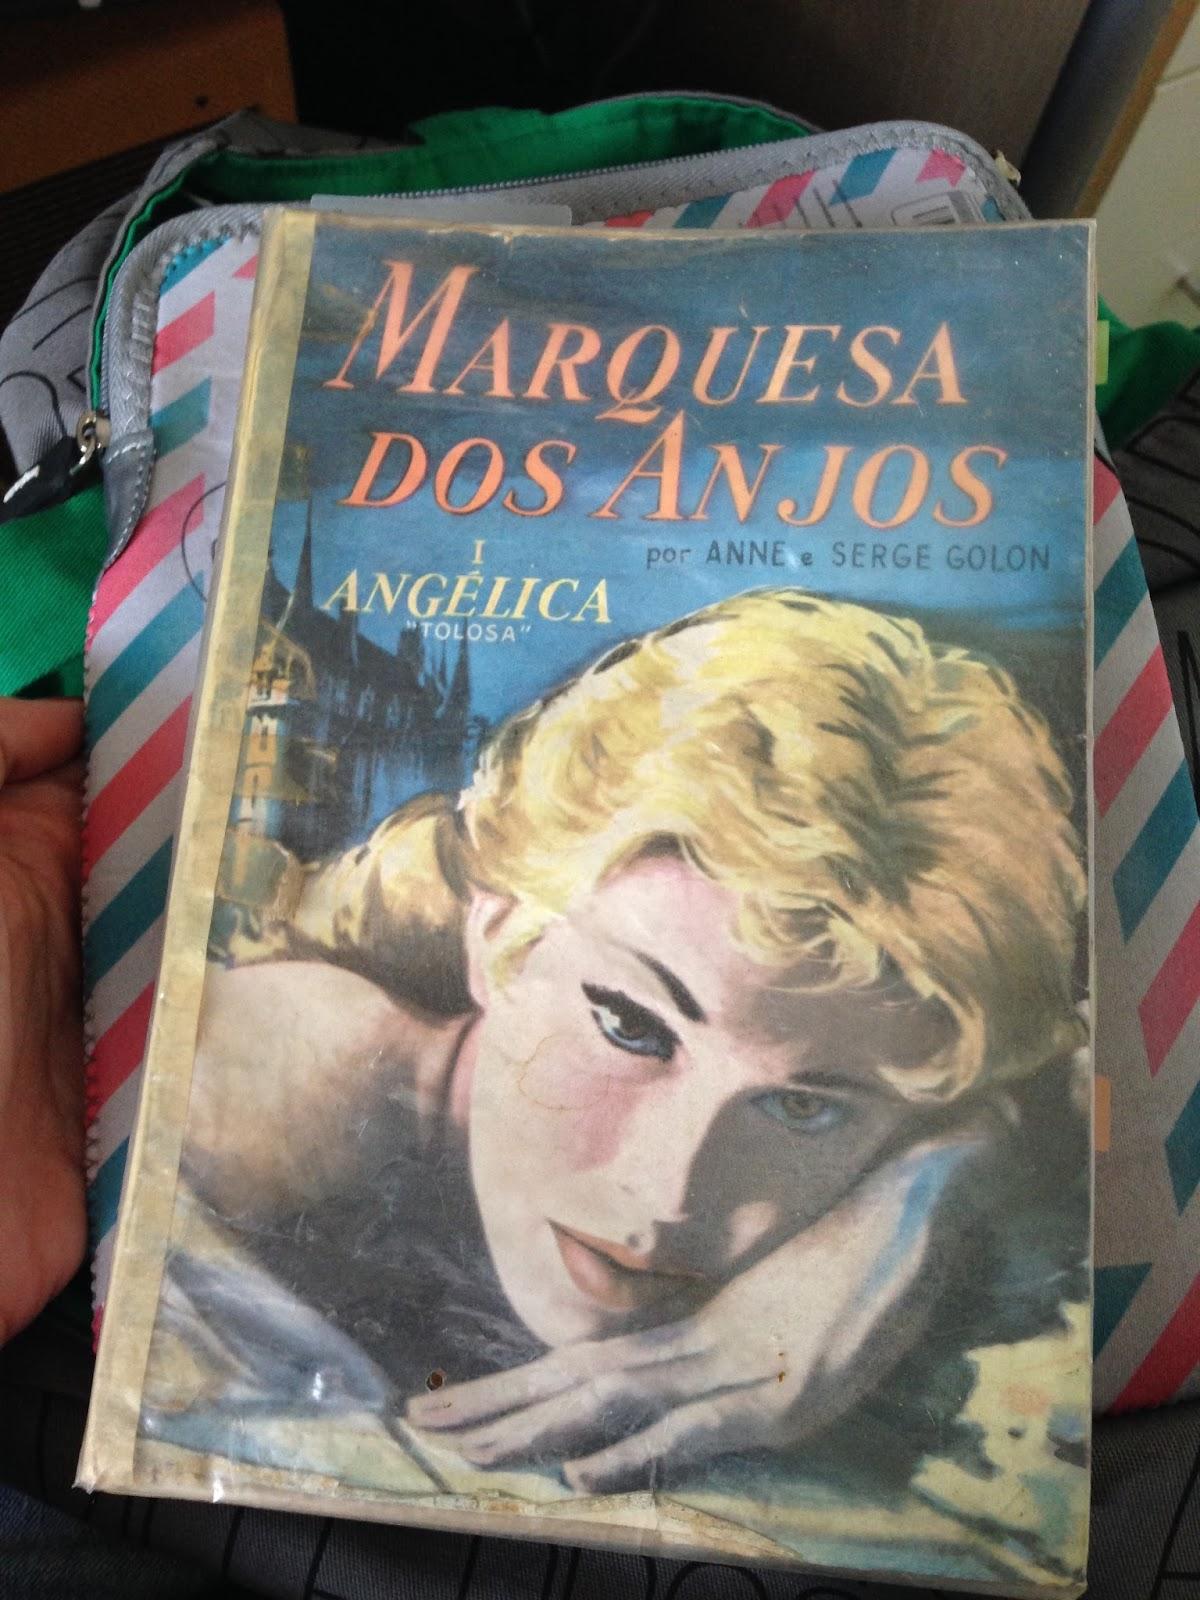 BAIXAR ANJOS FILME MARQUESA DOS ANGELICA